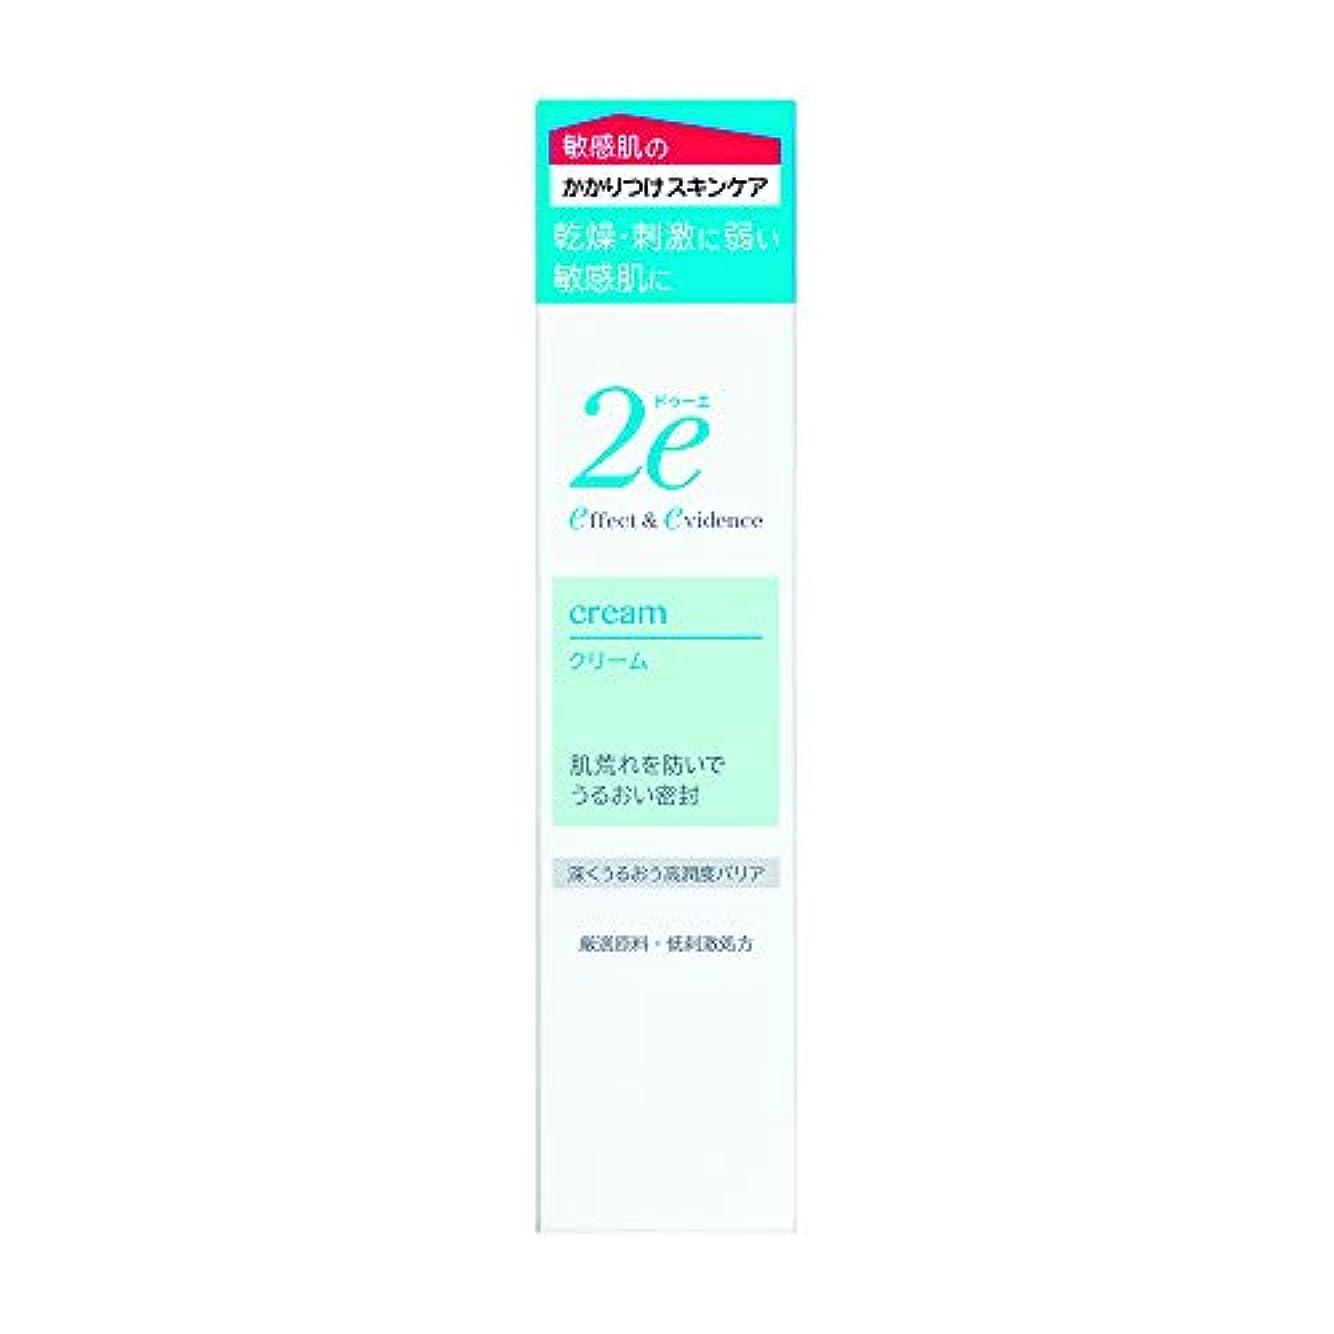 選択状況祭司2e(ドゥーエ) クリーム 敏感肌用クリーム 低刺激処方 深くうるおう高潤度バリア 30g